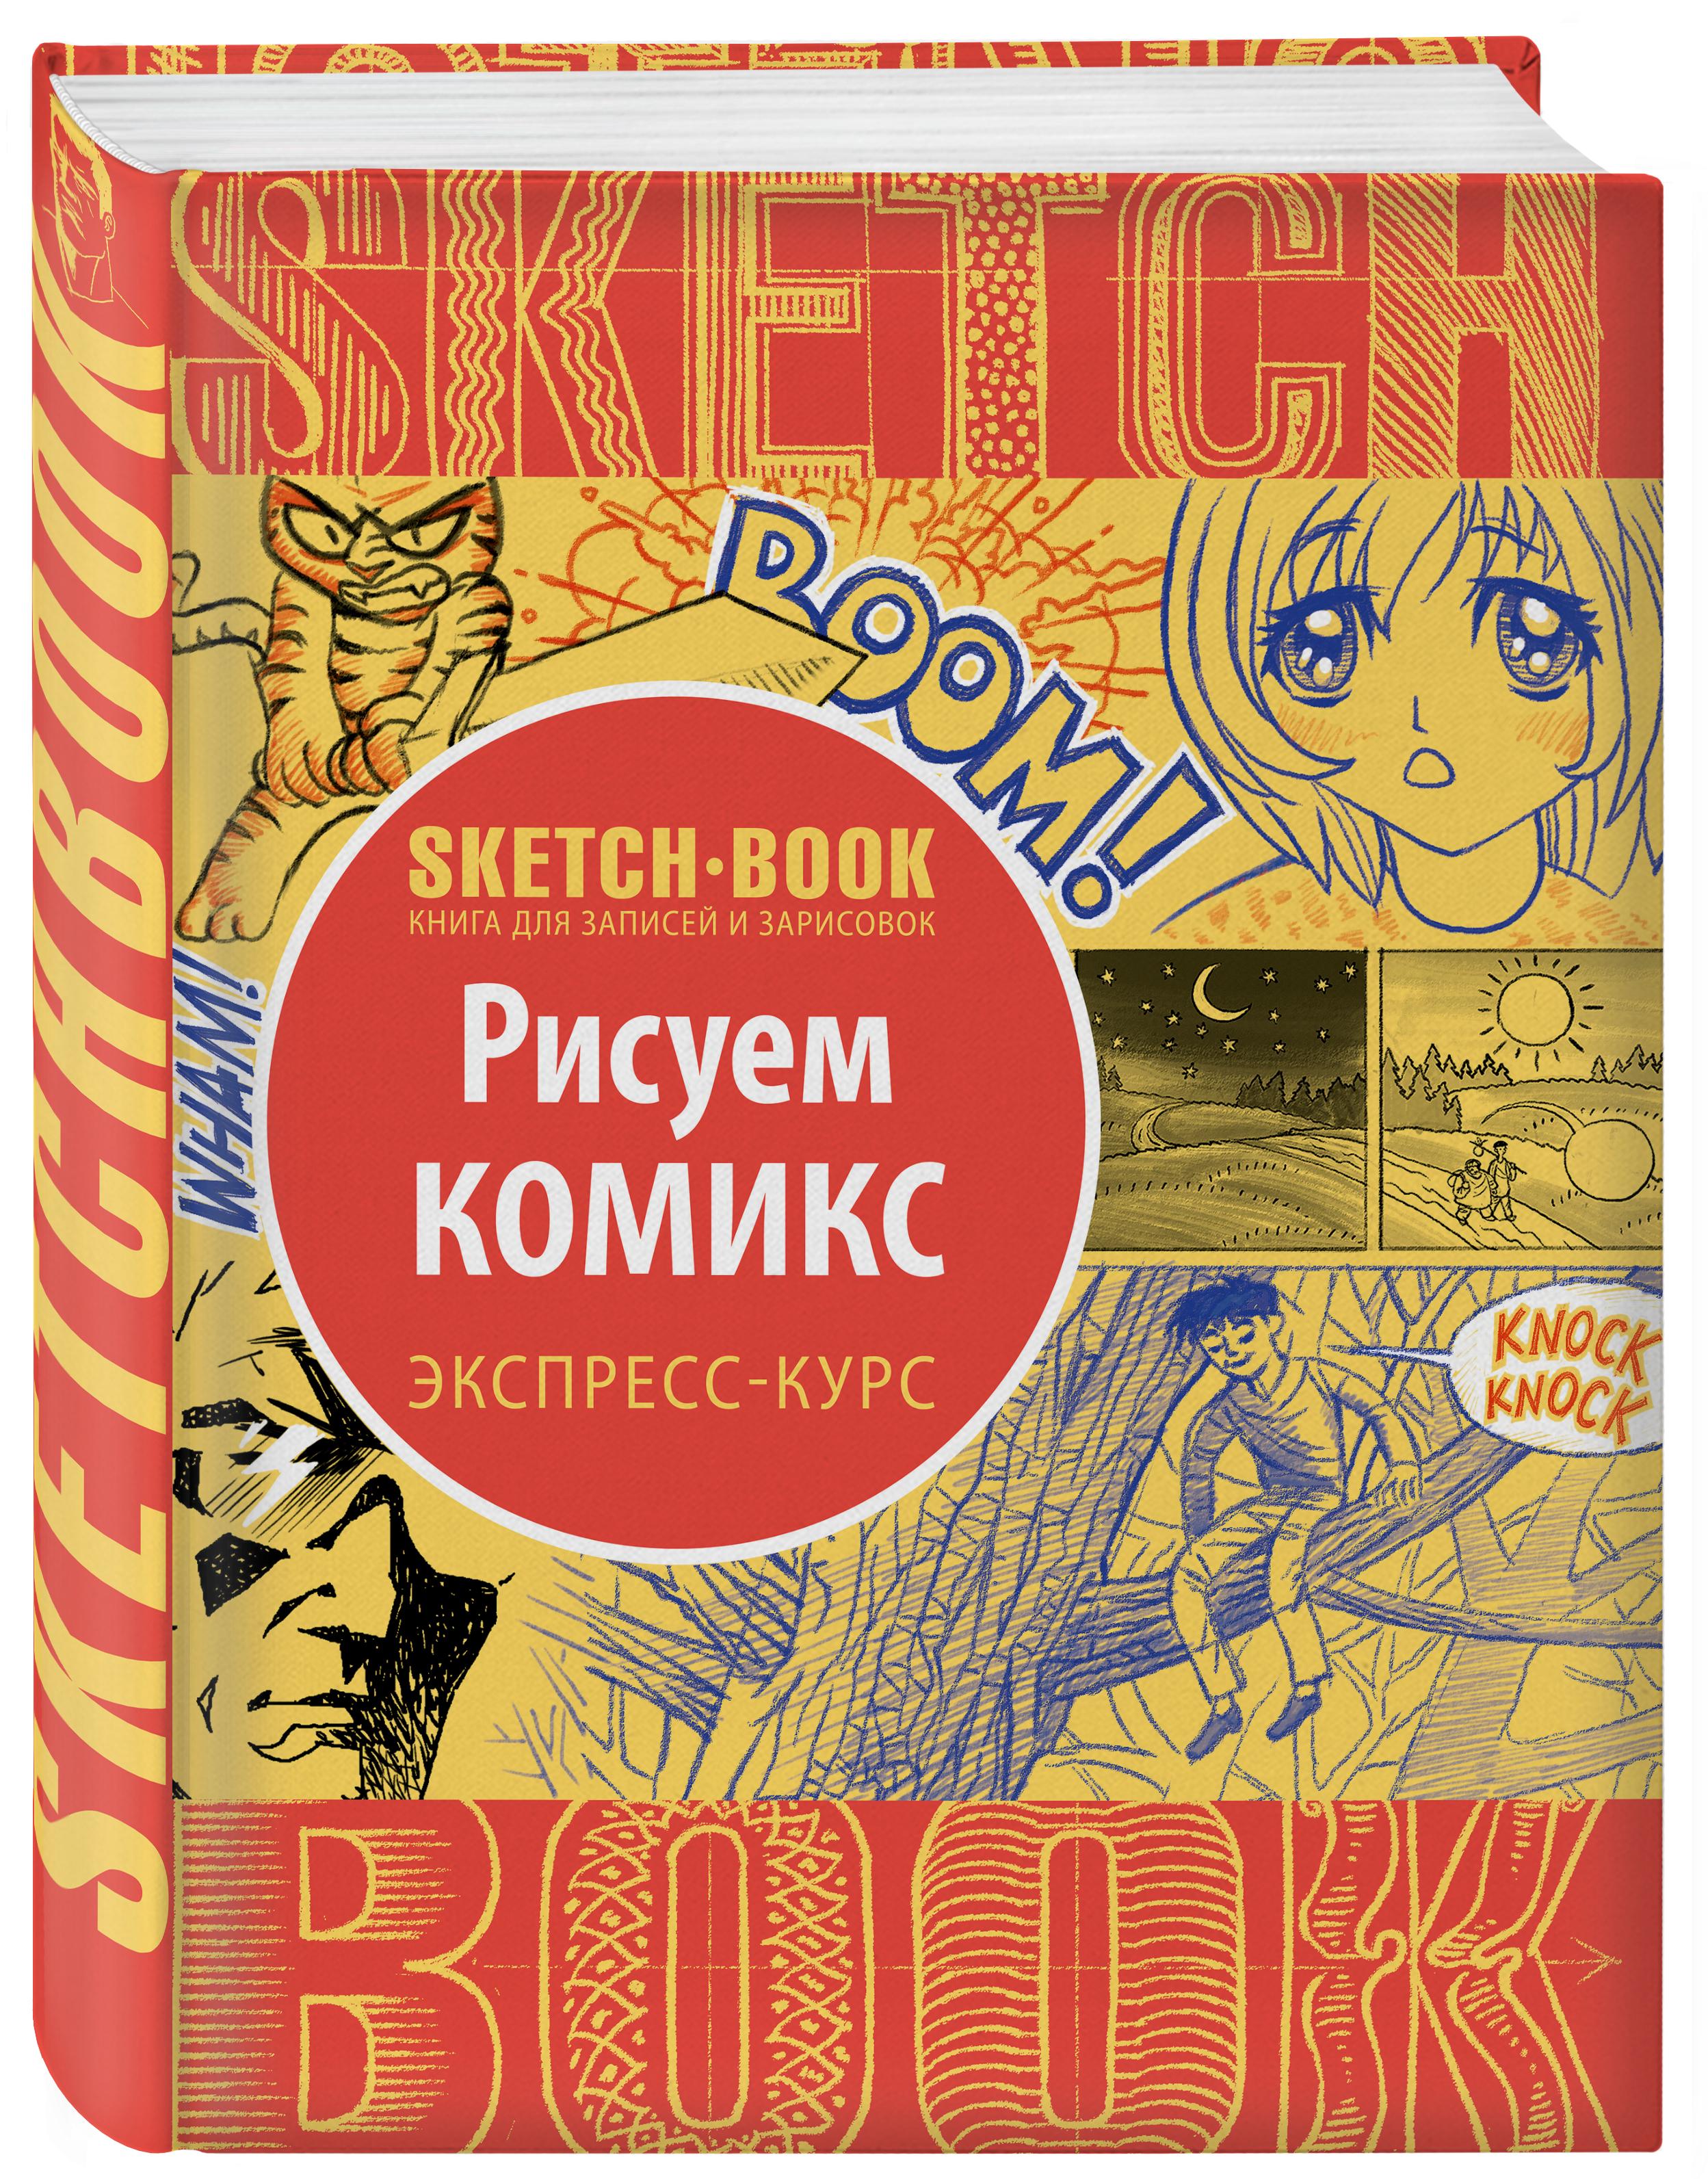 Sketchbook. Рисуем комиксы. Экспресс-курс записные книжки эксмо sketchbook рисуем море экспресс курс